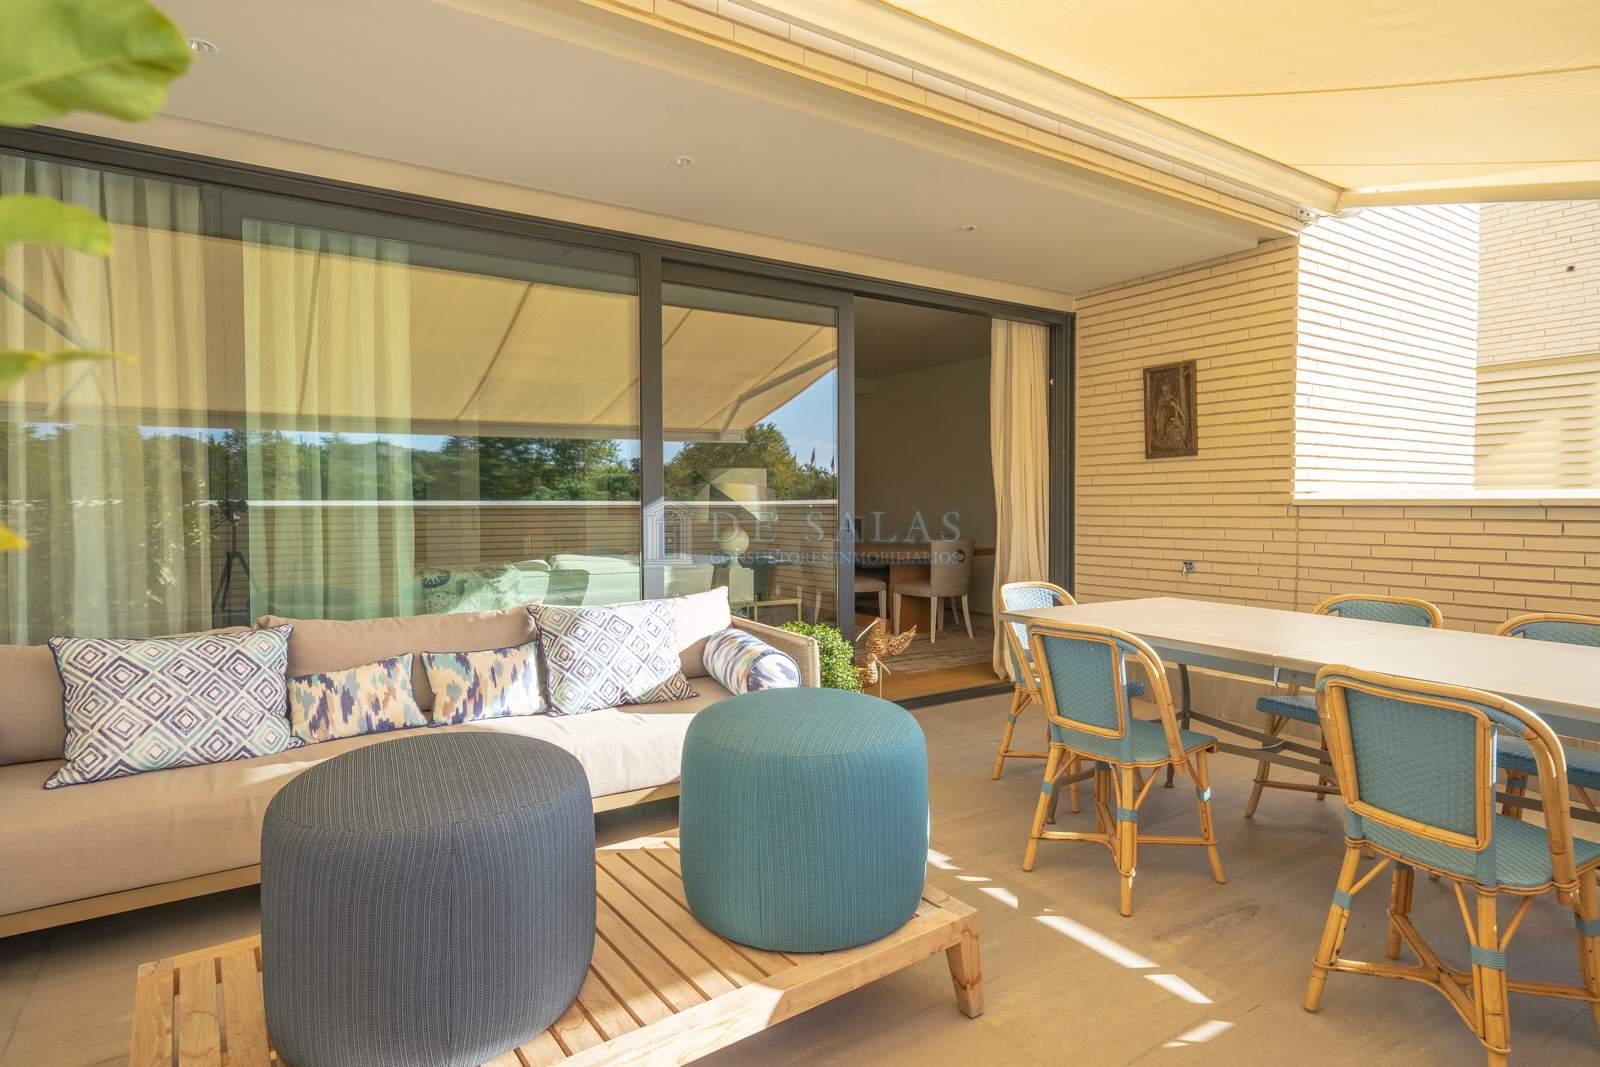 Terraza-05 Appartement El Encinar de los Reyes